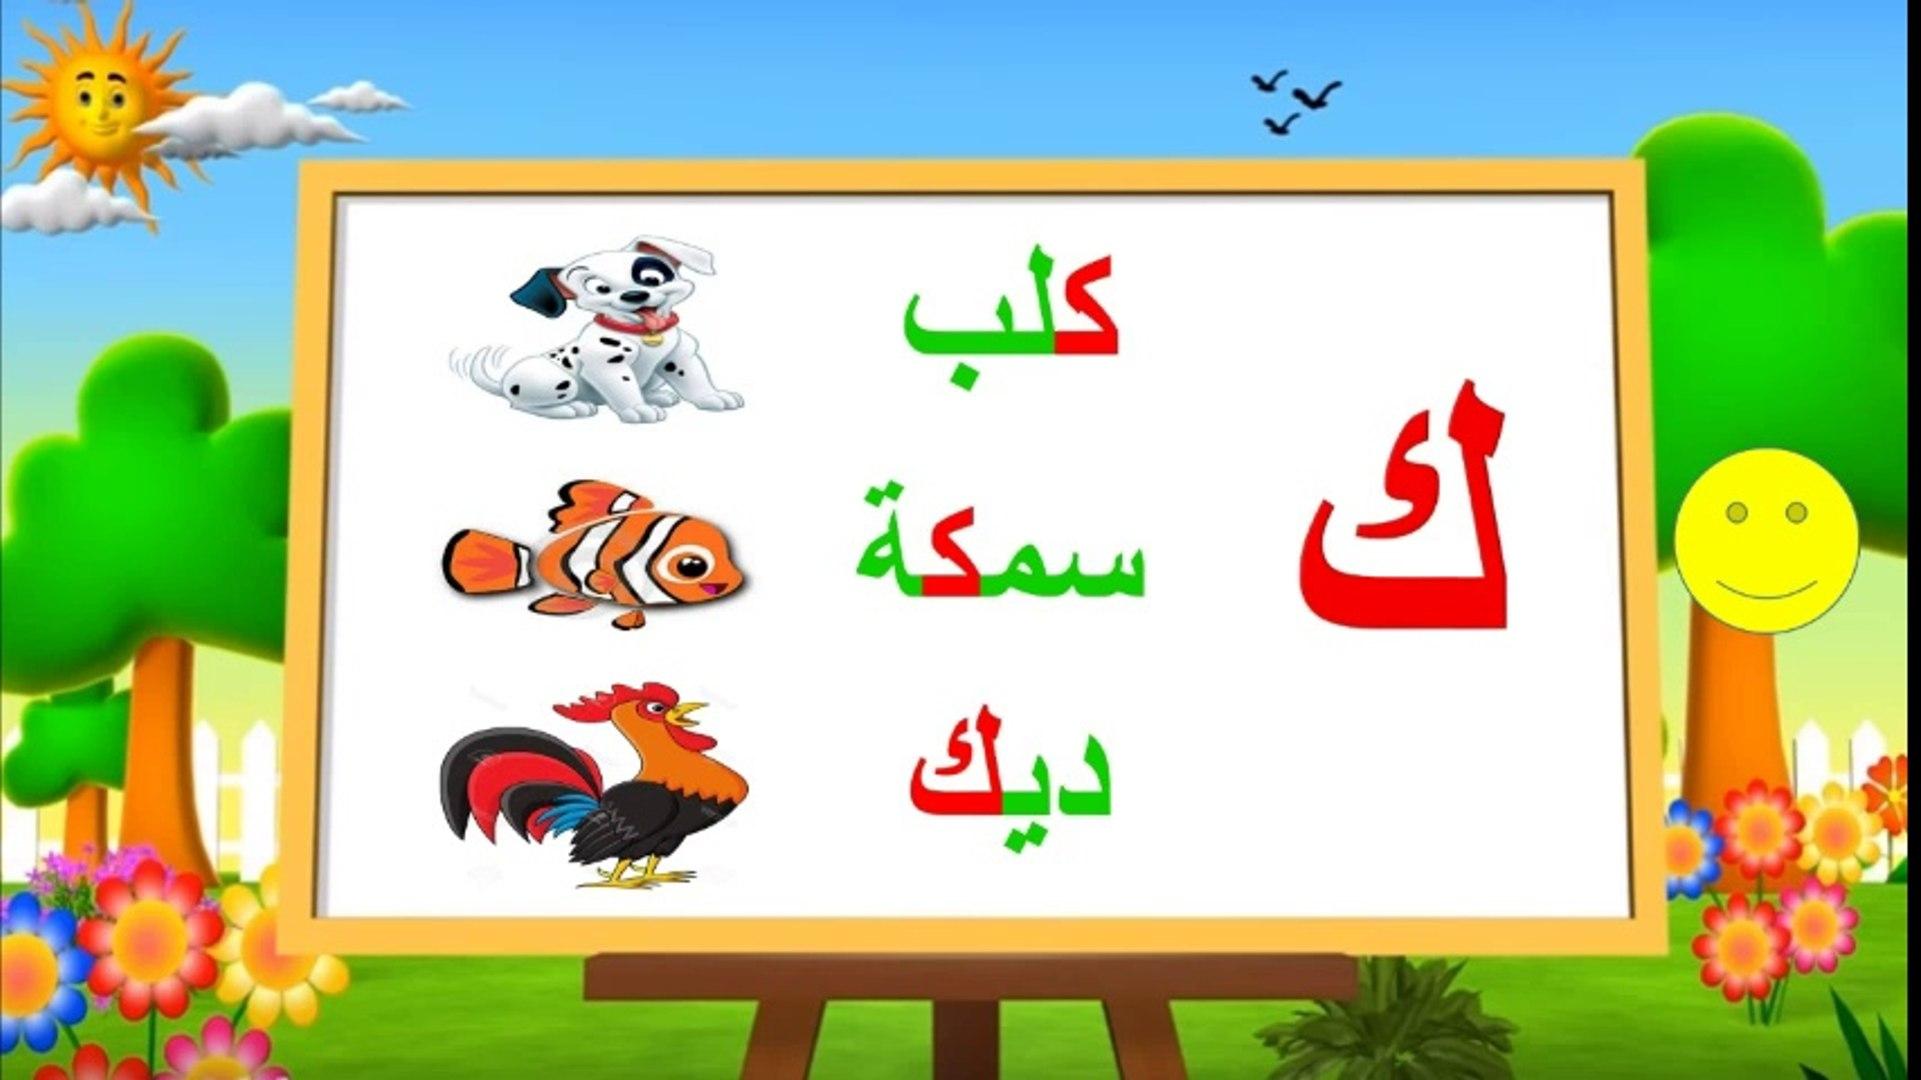 مواضع الحروف   مواضع حرف الكاف ( ك )   أول الكلمة   وسط الكلمة   آخر الكلمة  - فيديو Dailymotion